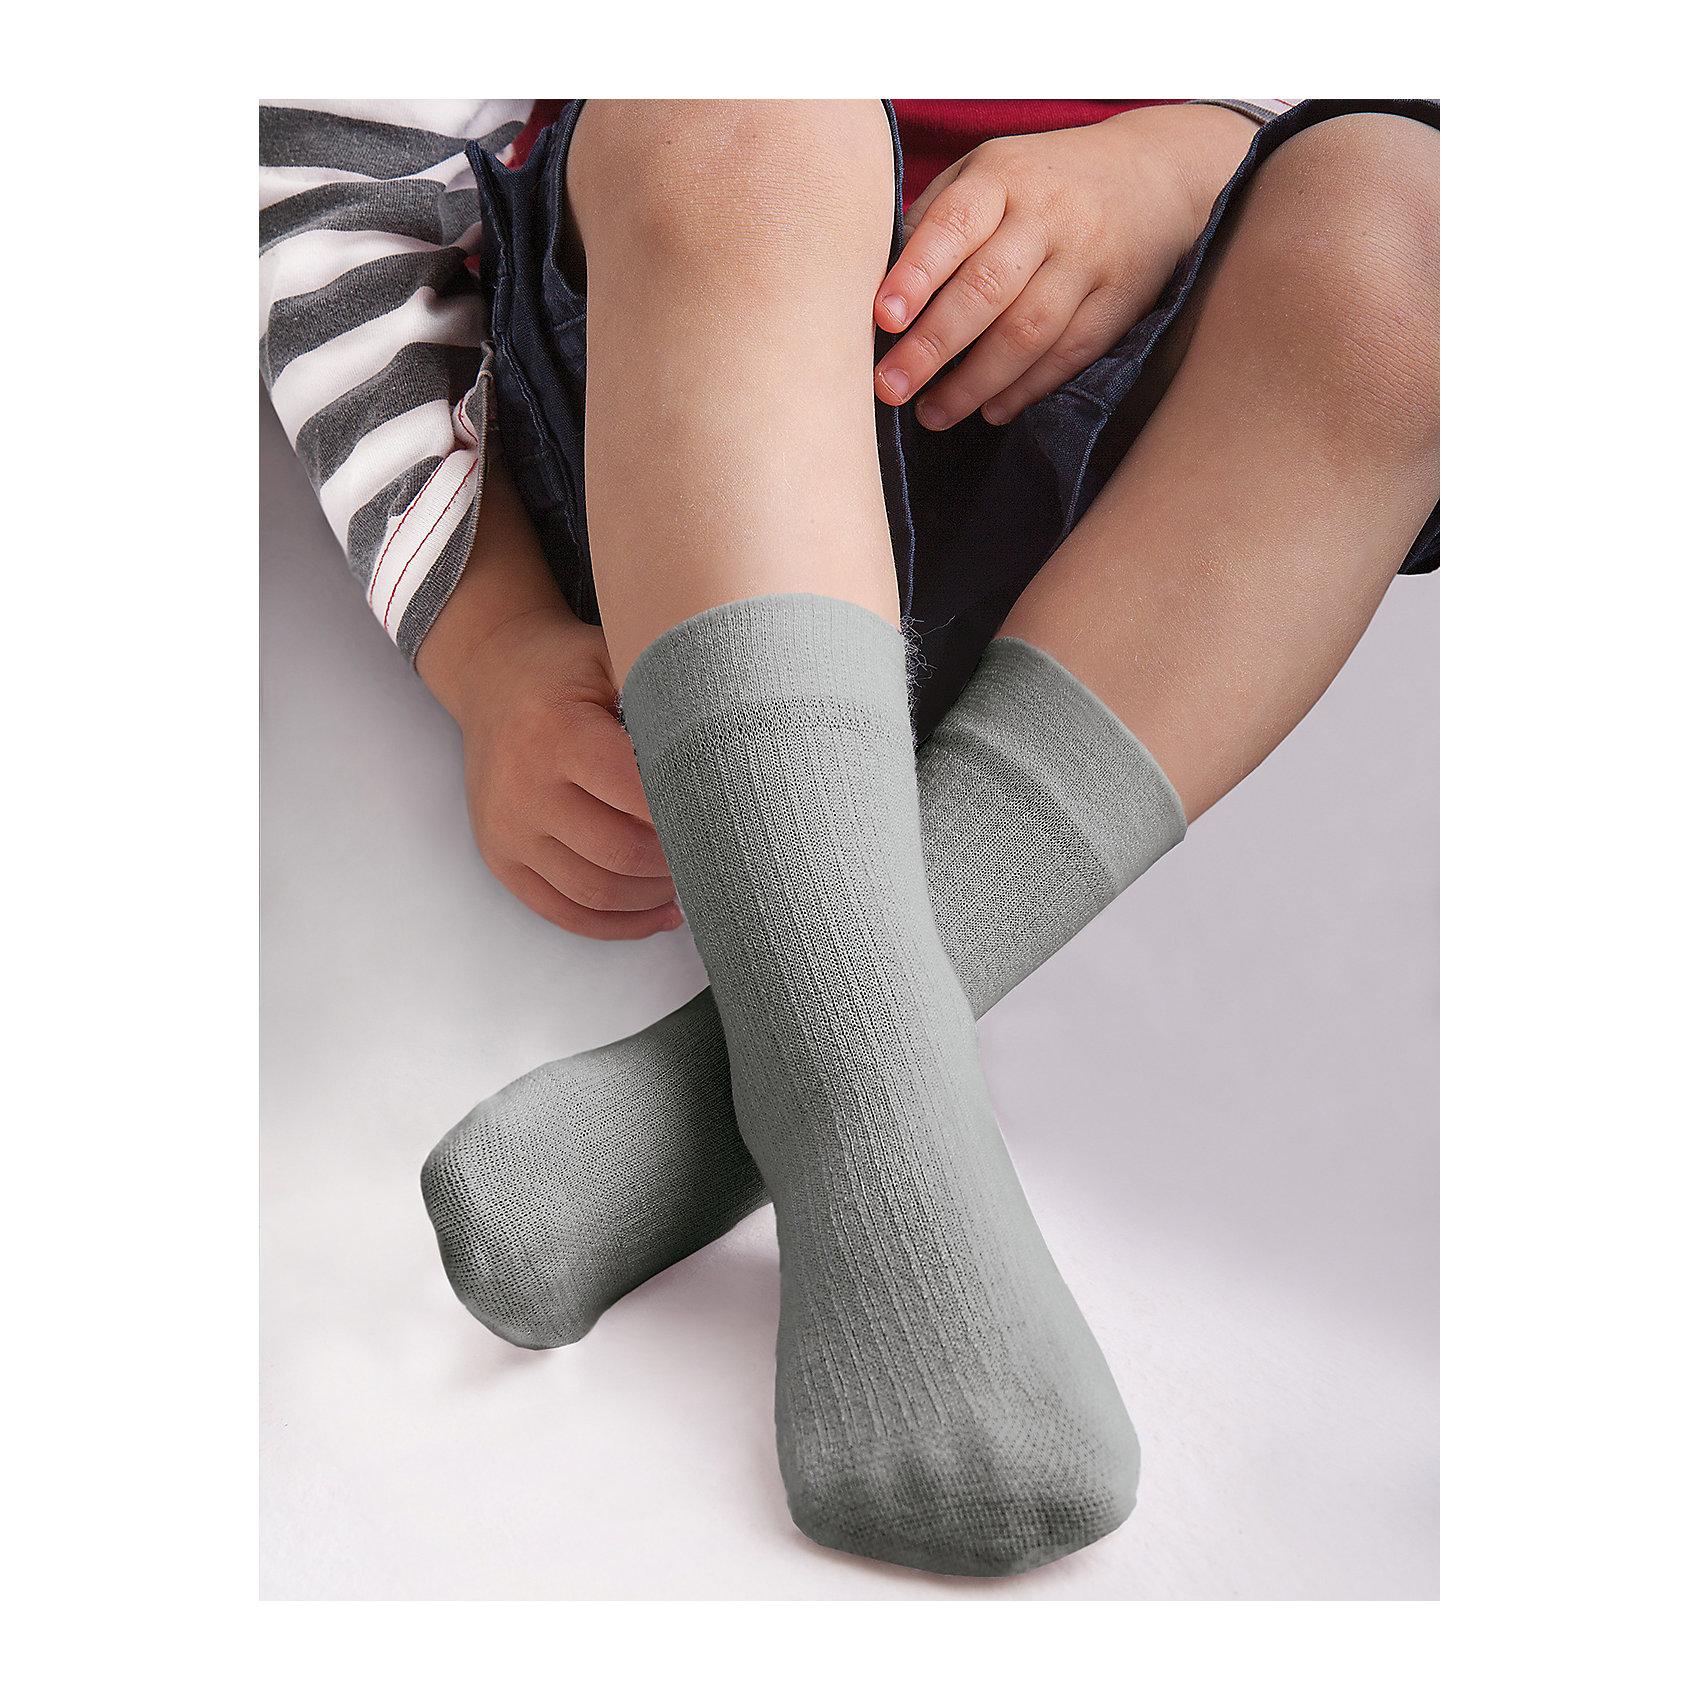 Носки для девочки KnittexНоски<br>Носки для девочки Knittex<br>Вискозные однотонные носки с продольным рельефным рисунком в виде мелкого рубчика. Плотные, мягкие и приятные на ощупь. Широкая резинка, не сдавливающая ногу. <br>Состав:<br>вискоза 65%,                                  полиамид 31%, эластан 4%<br><br>Ширина мм: 87<br>Глубина мм: 10<br>Высота мм: 105<br>Вес г: 115<br>Цвет: серый<br>Возраст от месяцев: 0<br>Возраст до месяцев: 18<br>Пол: Женский<br>Возраст: Детский<br>Размер: 18-20,15-17<br>SKU: 6837360